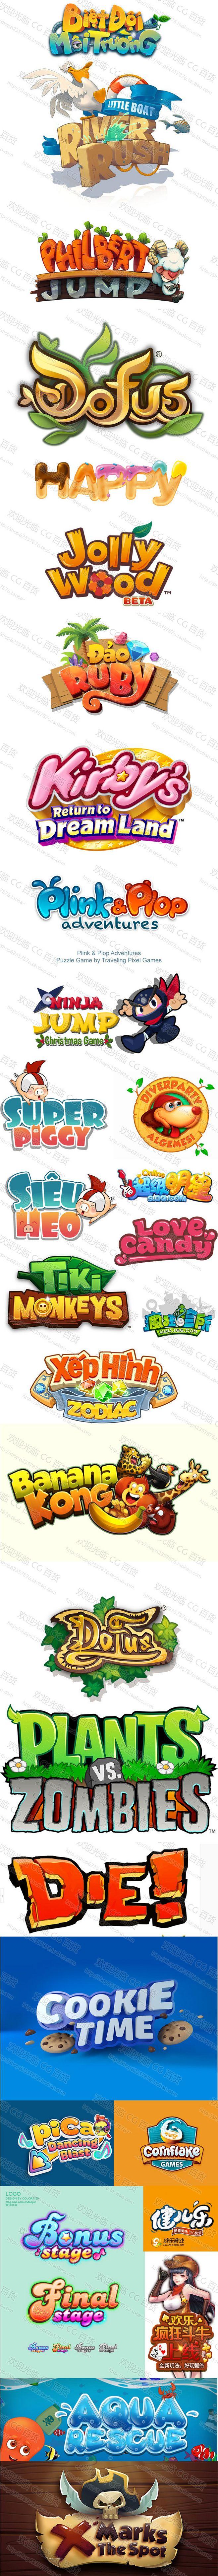 Recursos Arte del juego versión Coleccionables Q de los elementos de diseño de logotipo juego ...